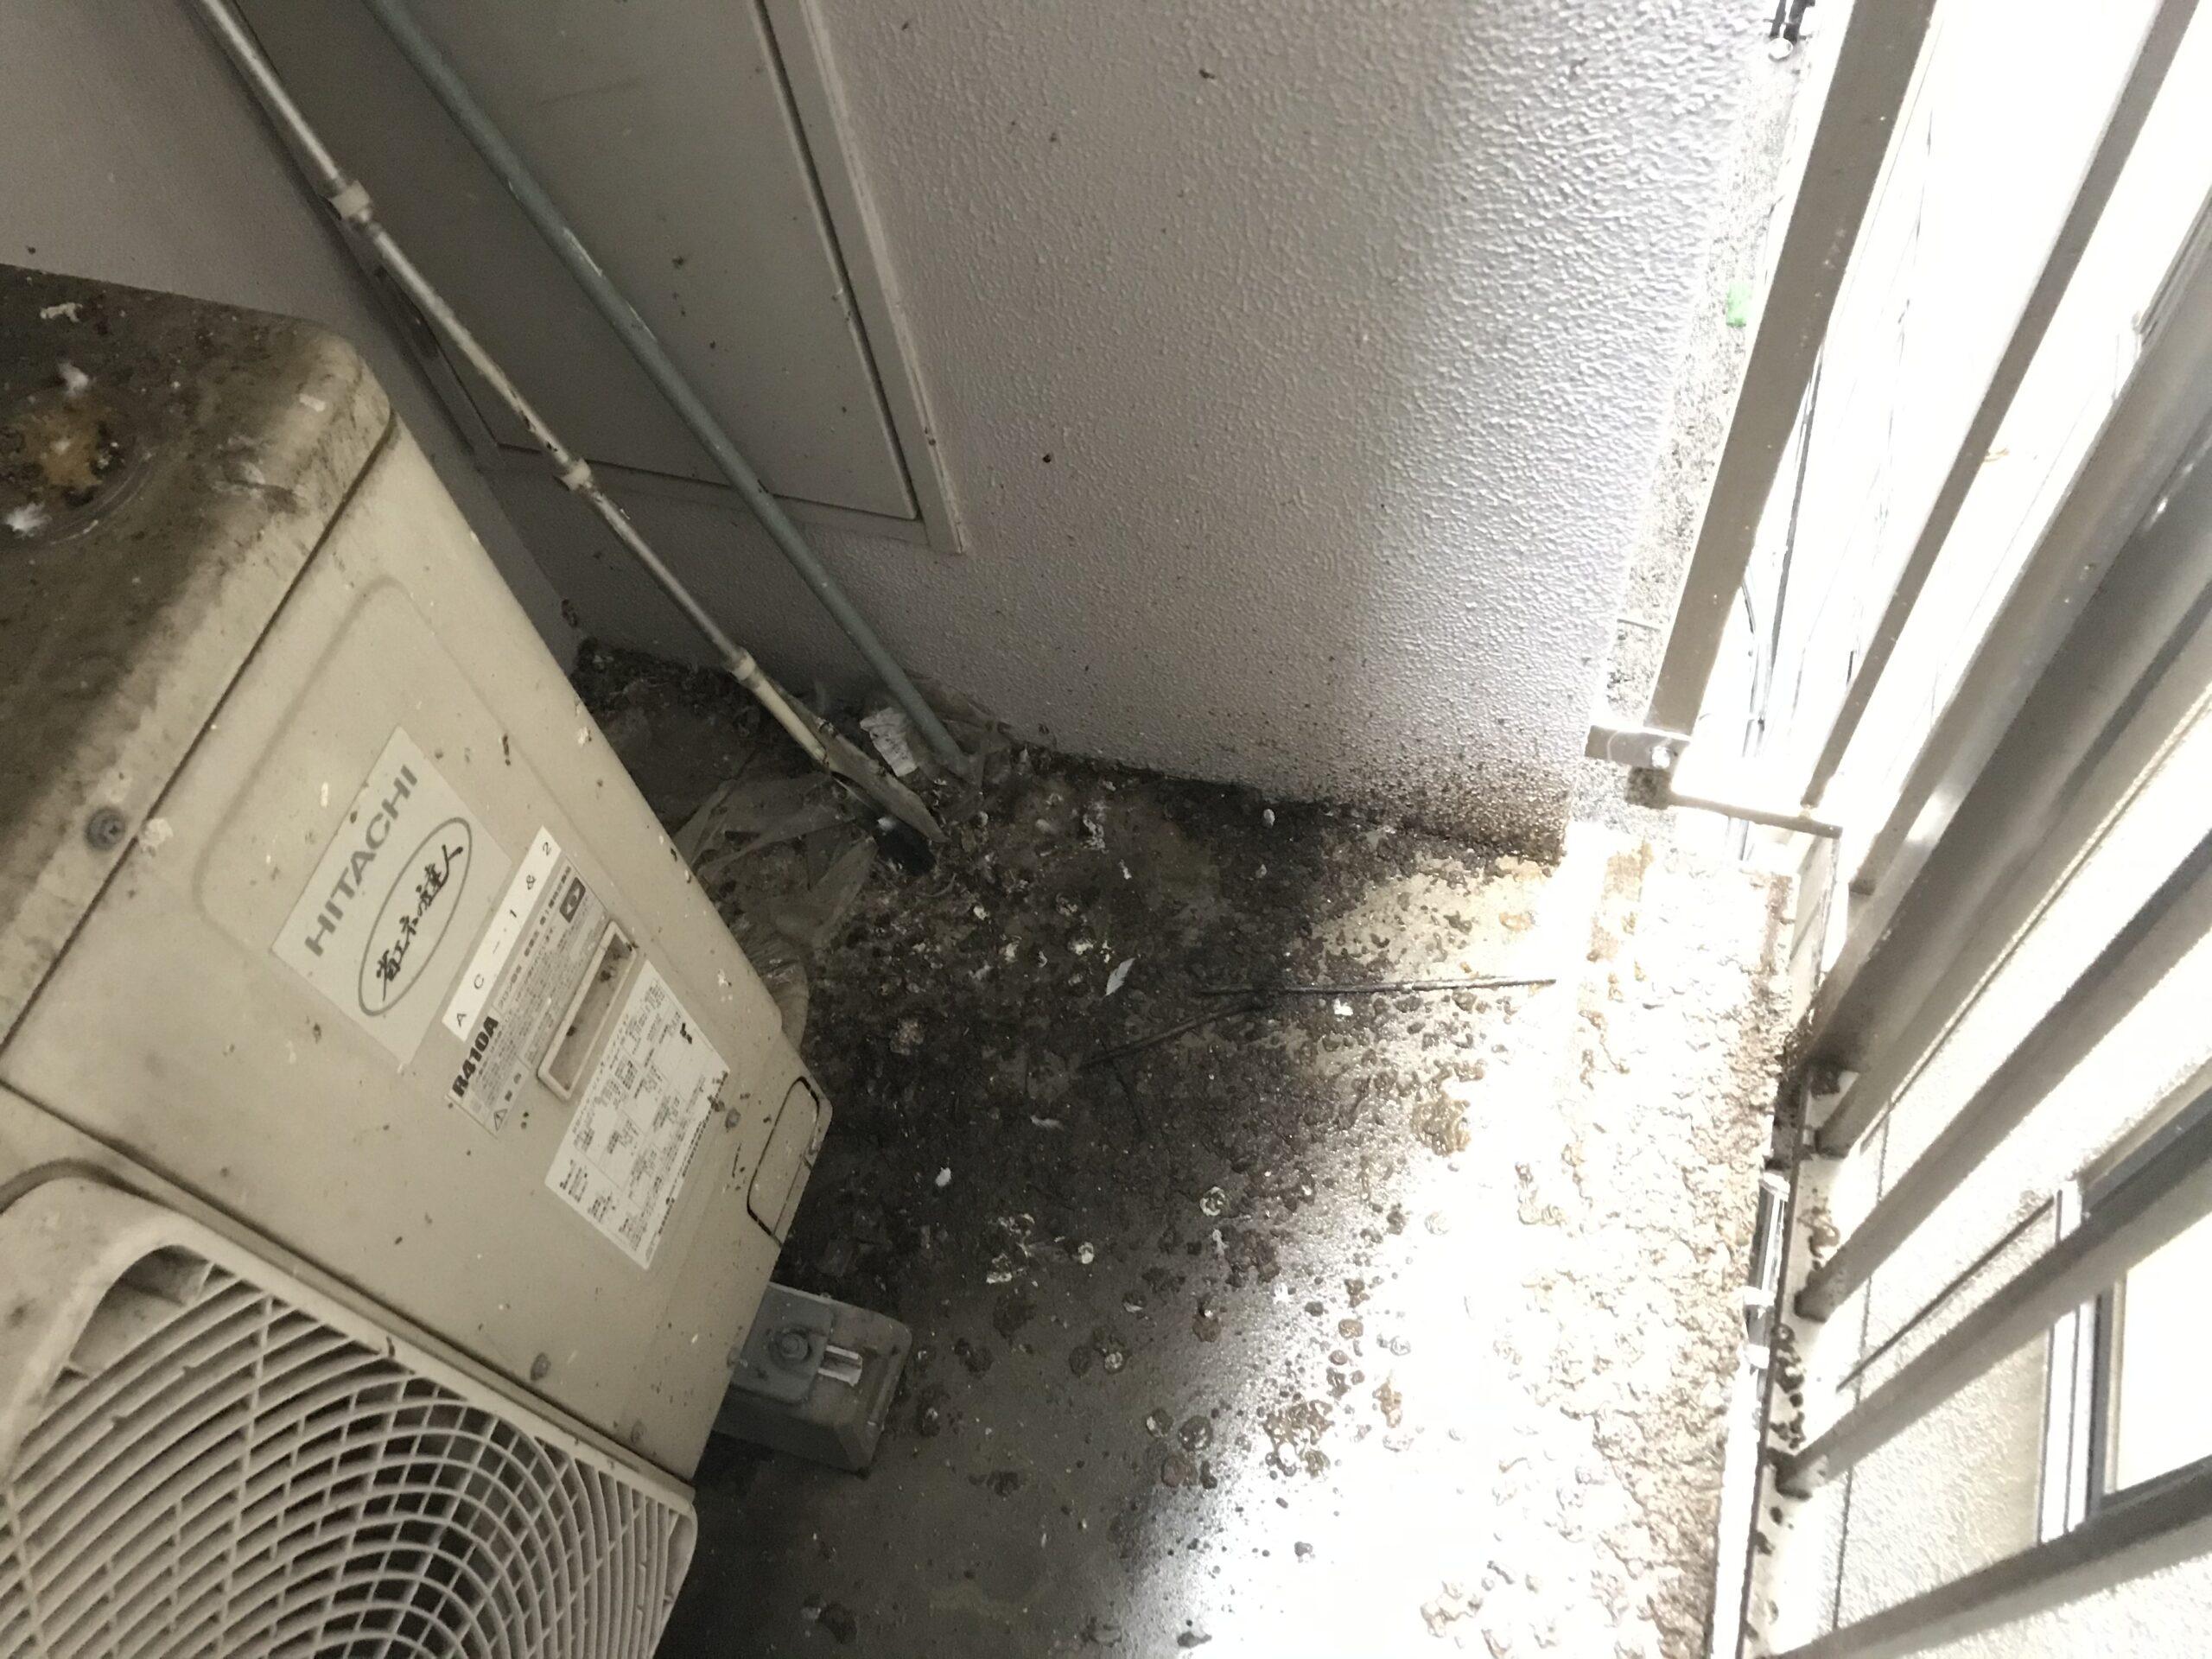 千葉県船橋市のA様のハト駆除:施工前